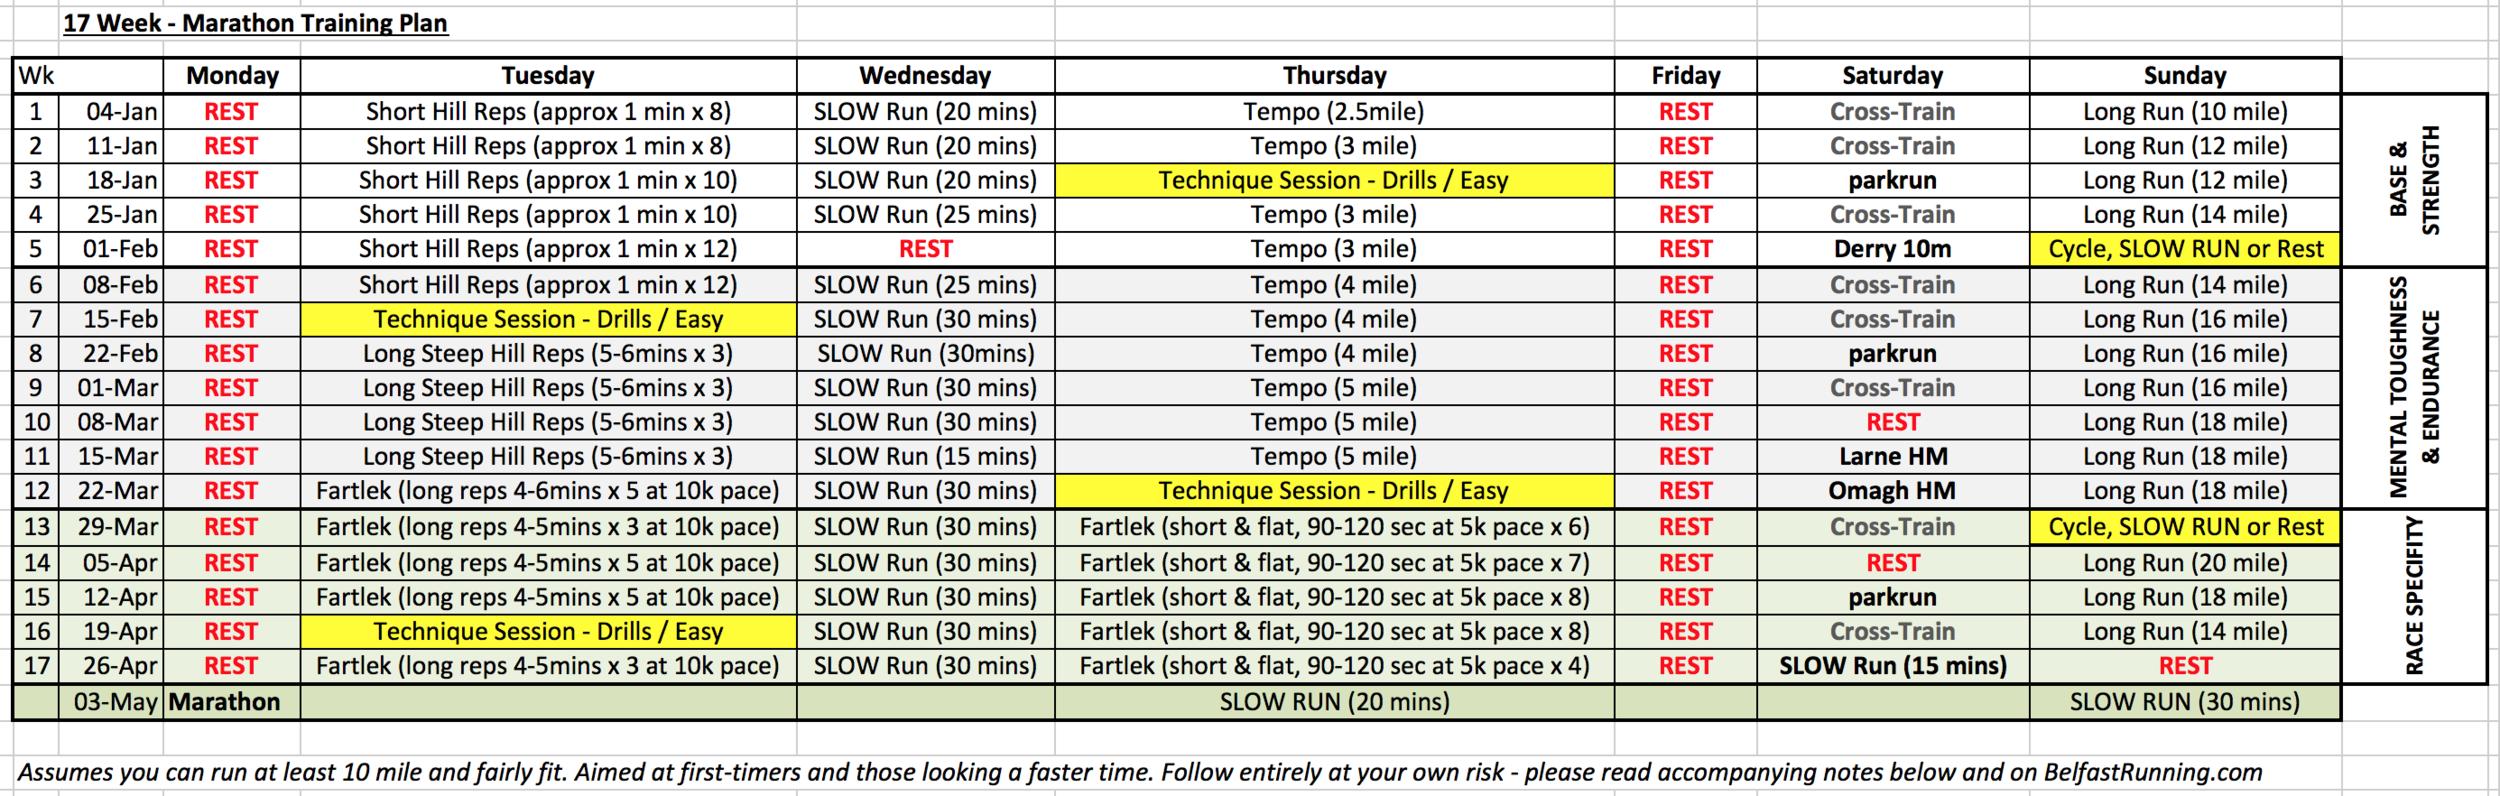 17 wk Belfast Marathon Training Plan